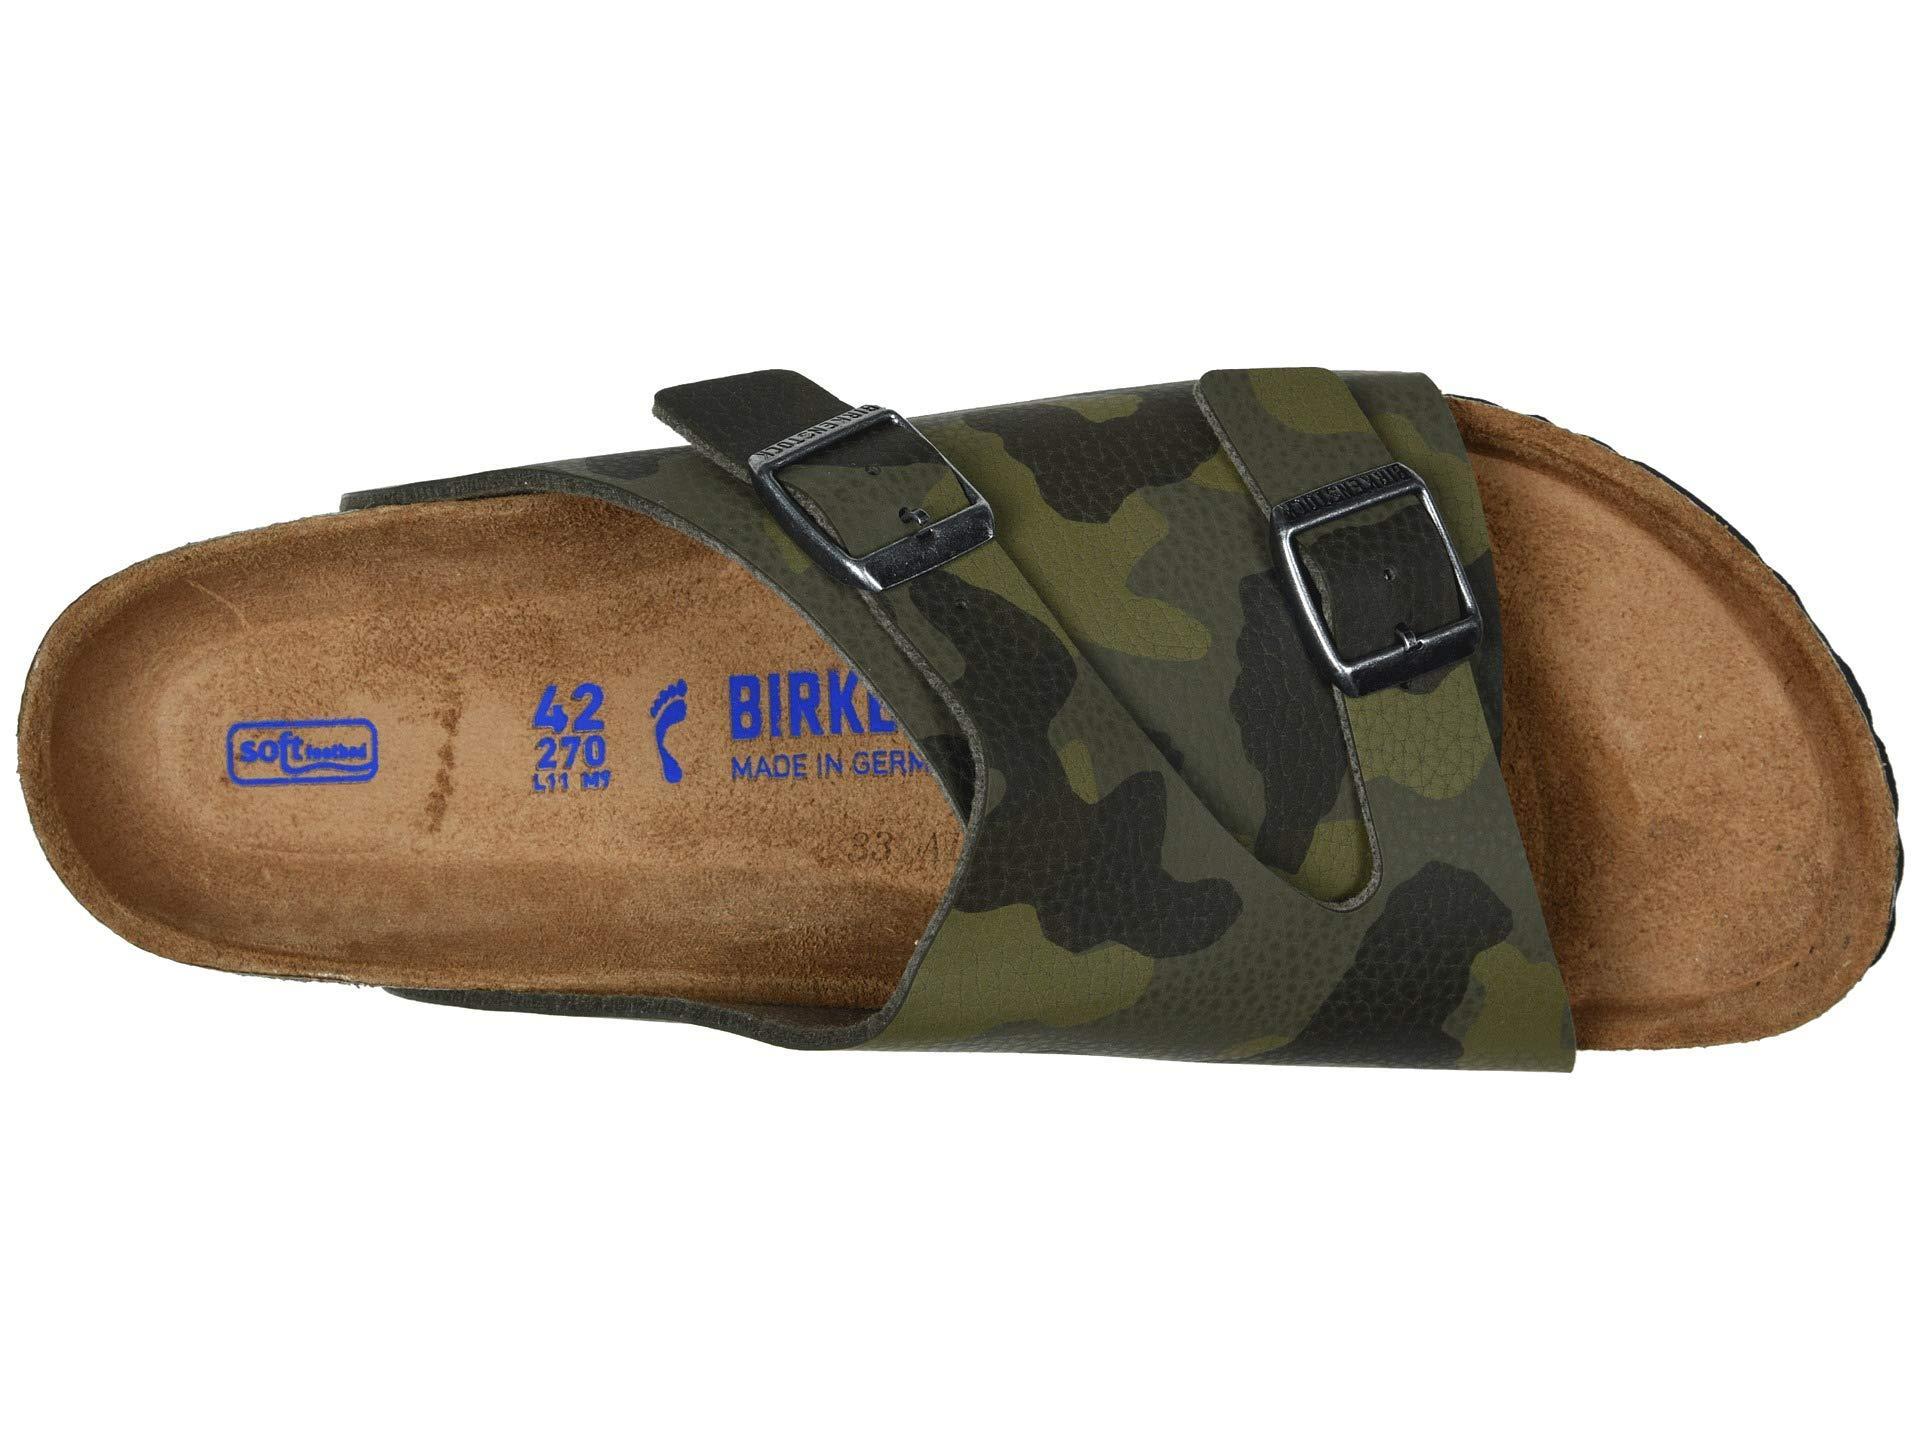 cbb0a66e0763 Birkenstock - Zurich Soft Footbed (desert Soil Camo Green Birko-flor) Men's  Slide. View fullscreen